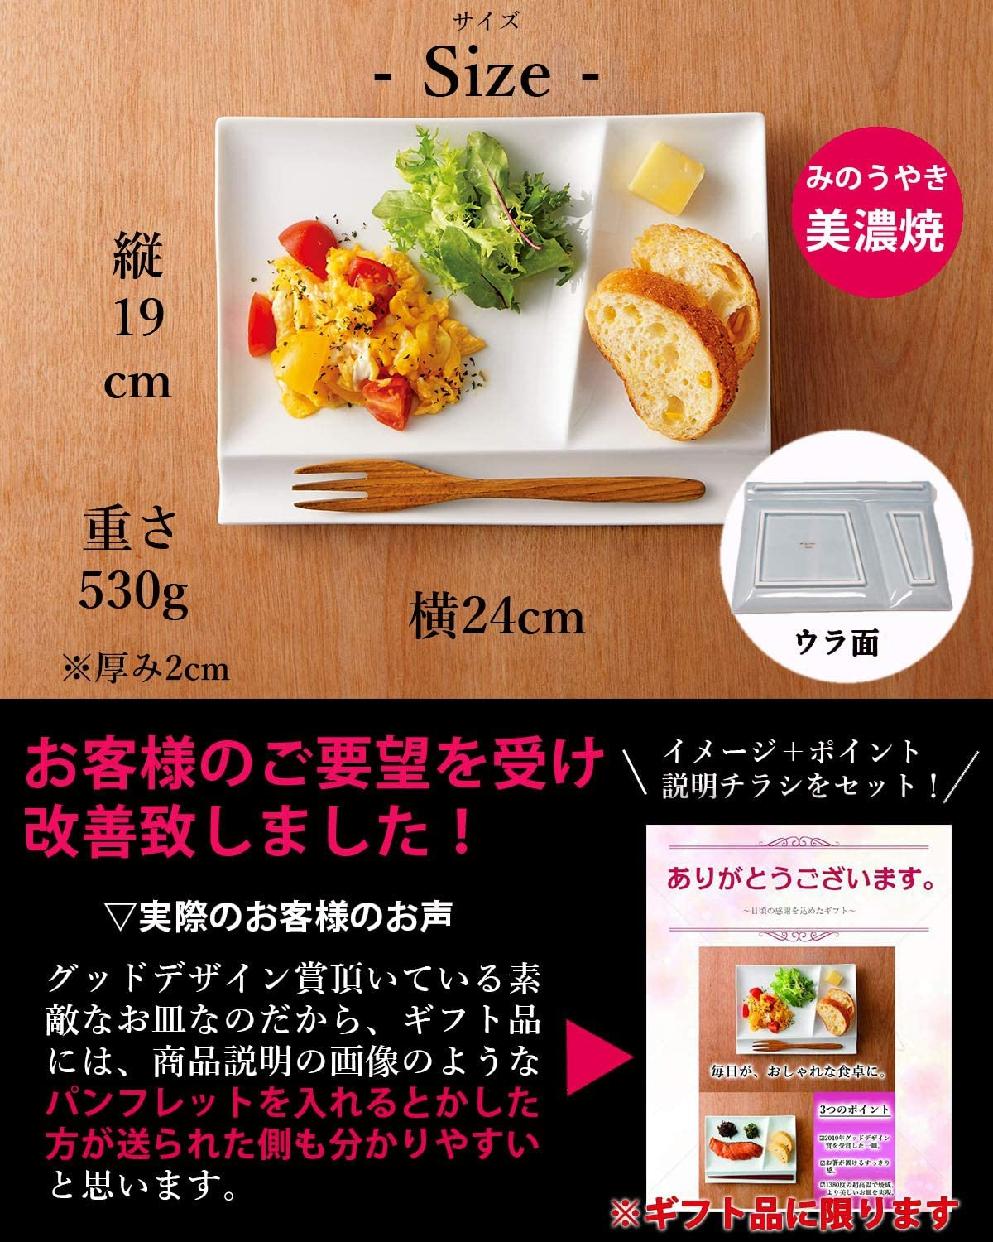 キツサコ お箸が置けるランチプレート 白磁の商品画像6